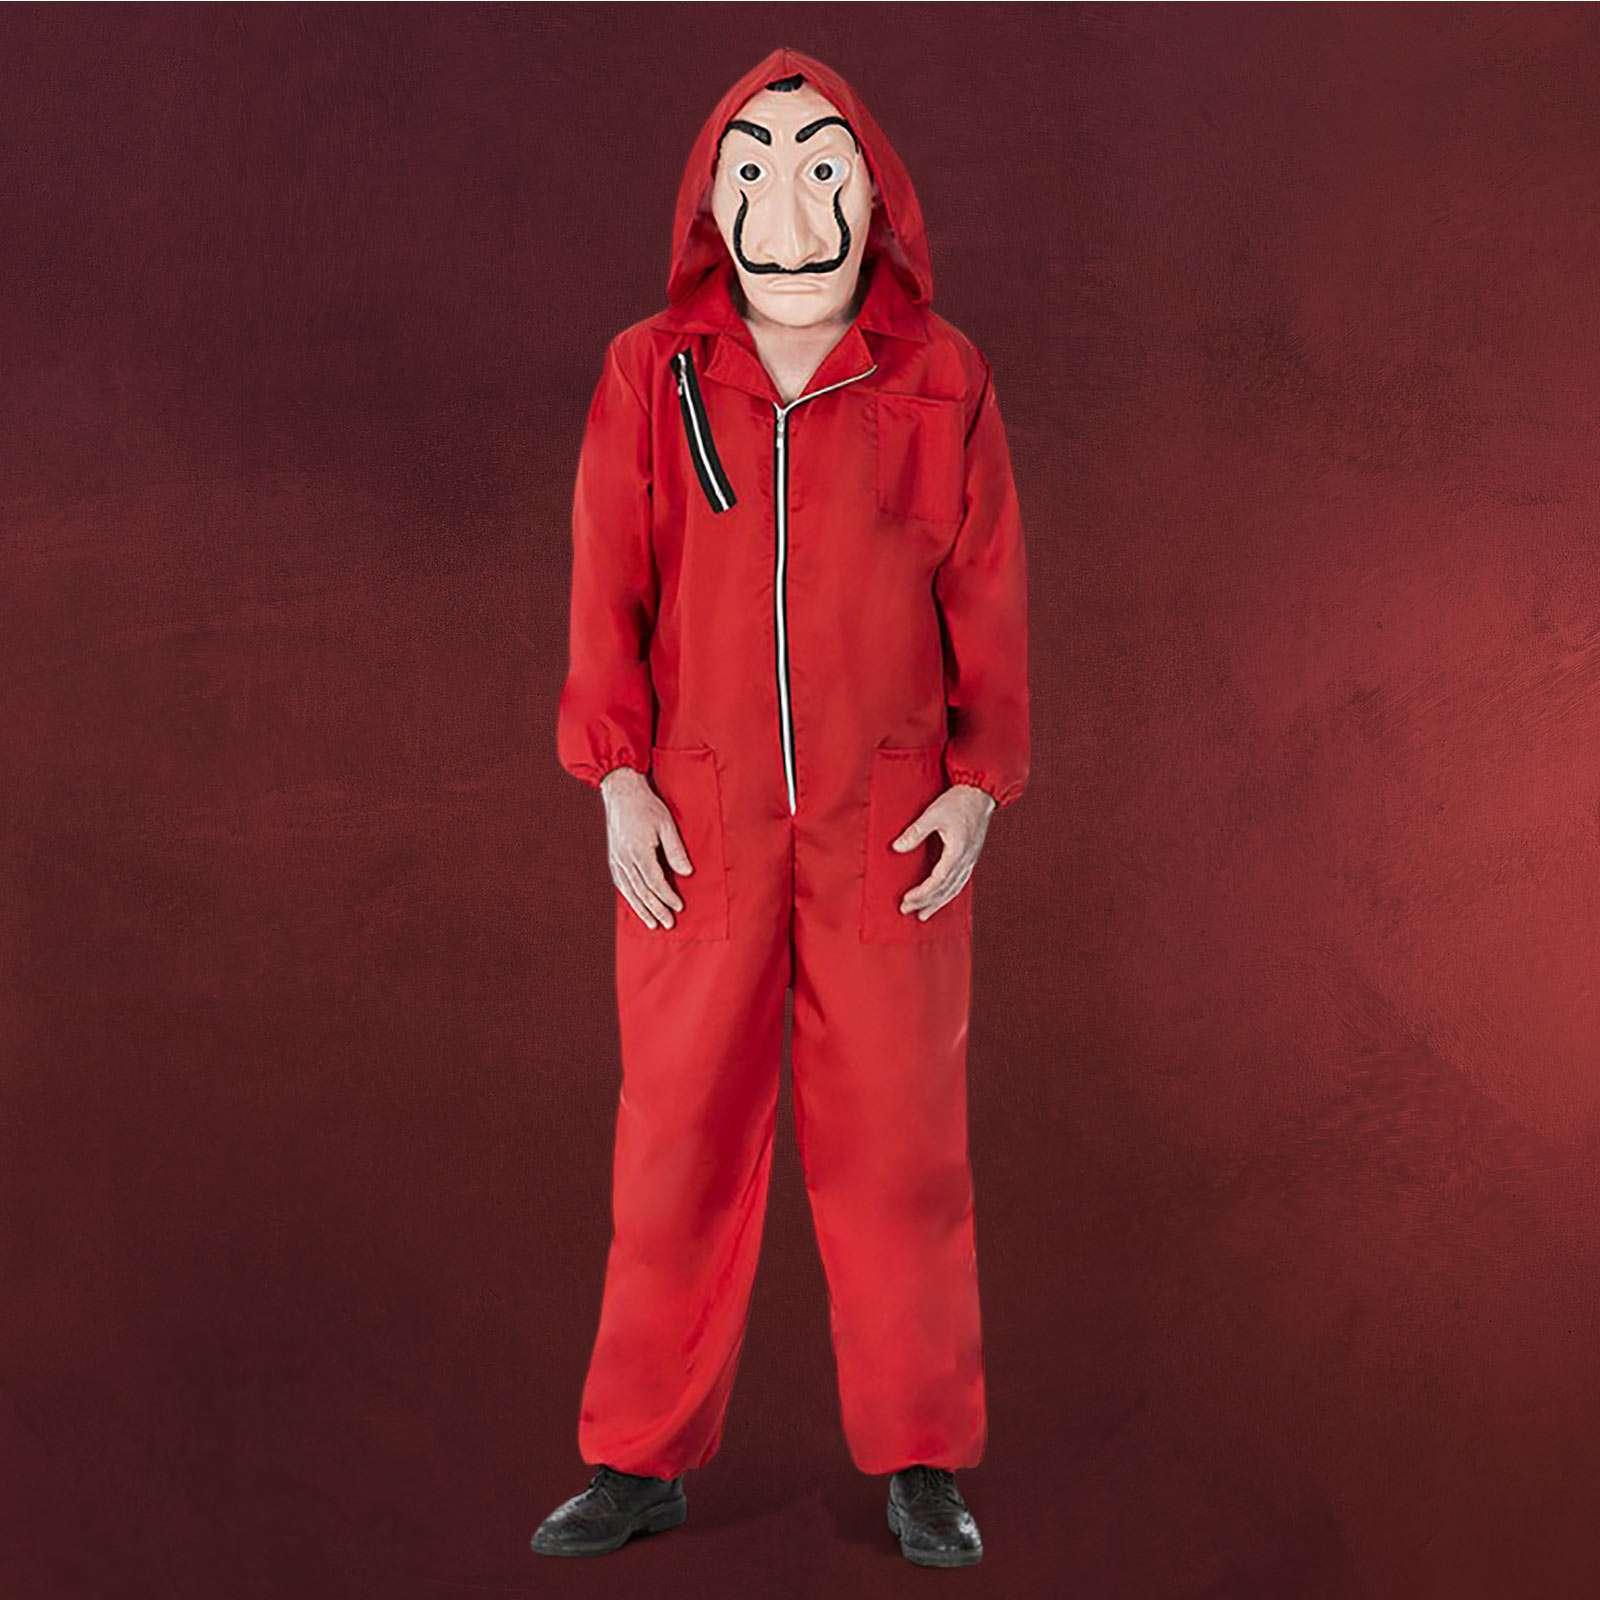 Roter Räuber Kostüm Für Haus Des Geldes Fans Elbenwald